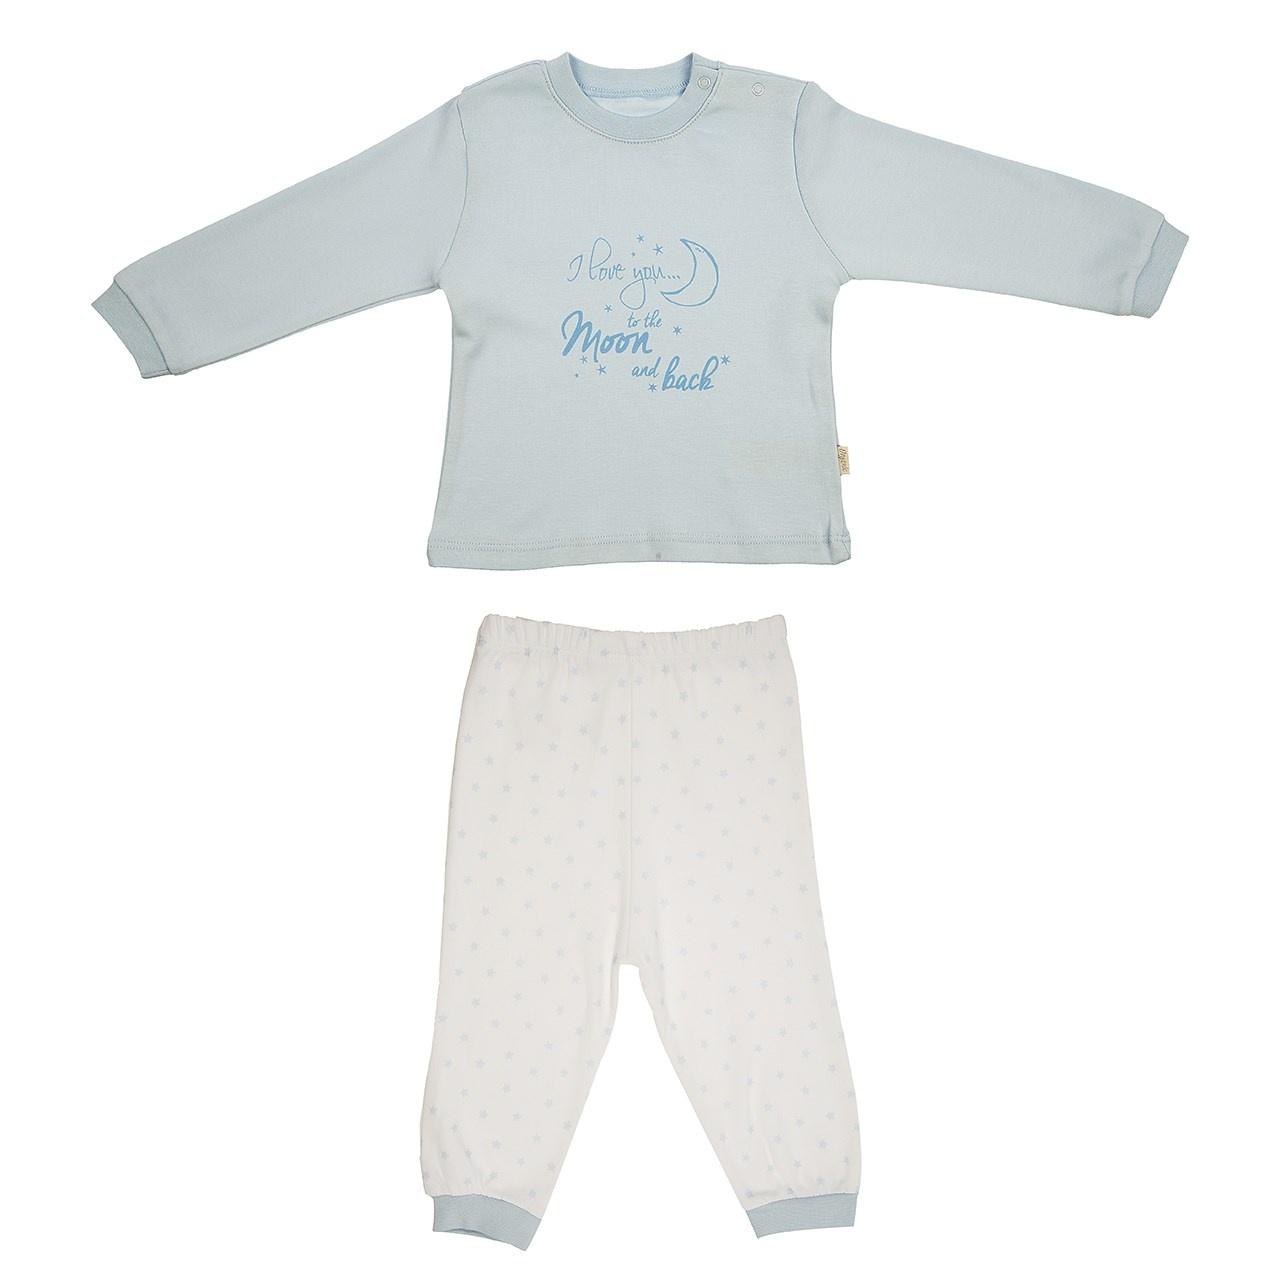 ست تی شرت و شلوار نوزادی کیتی کیت مدل 14693B